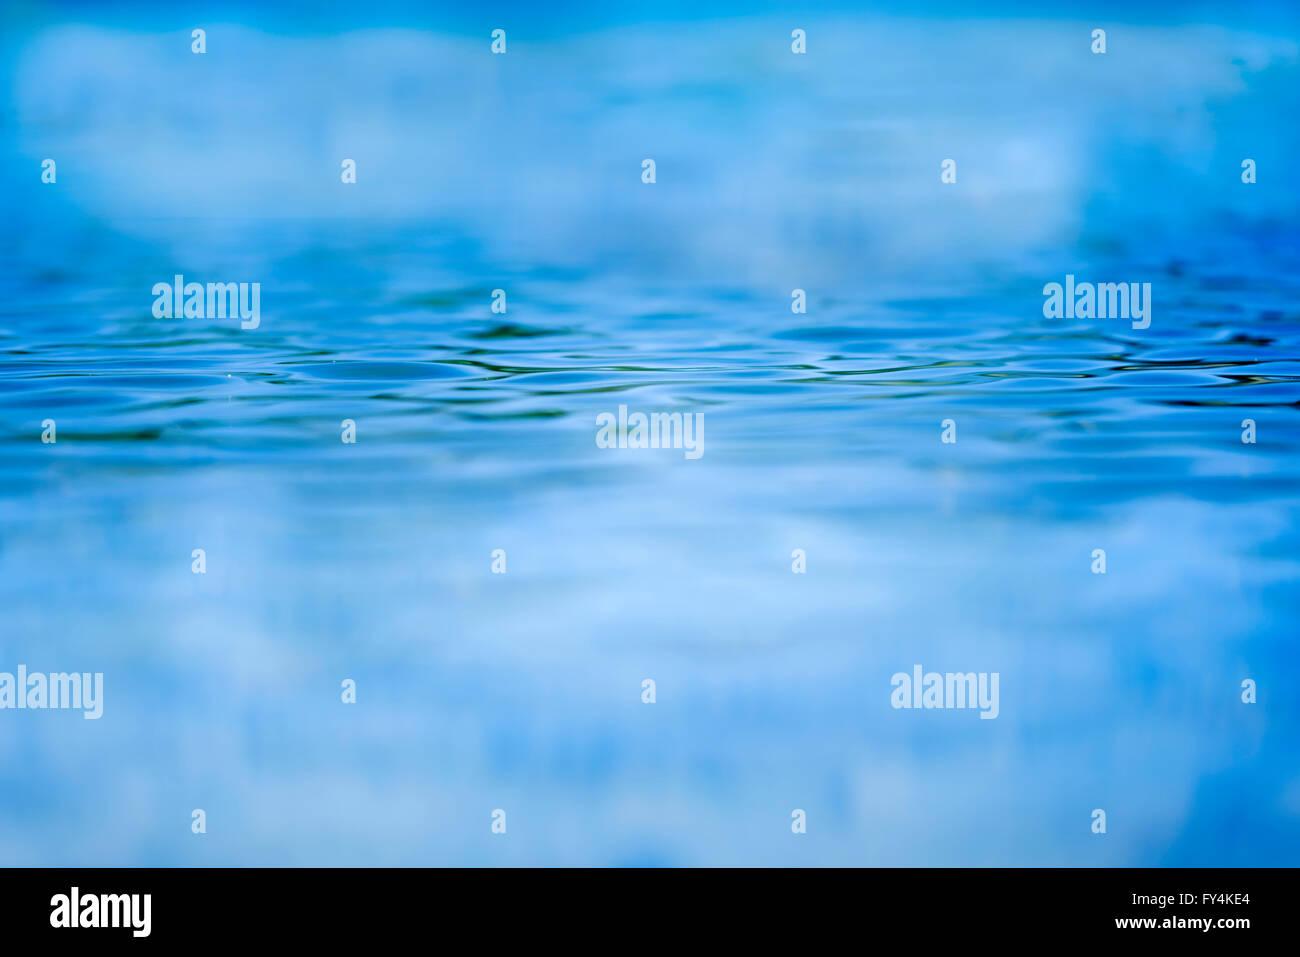 Messa a fuoco poco profonde guardando attraverso l'acqua blu con increspature Immagini Stock